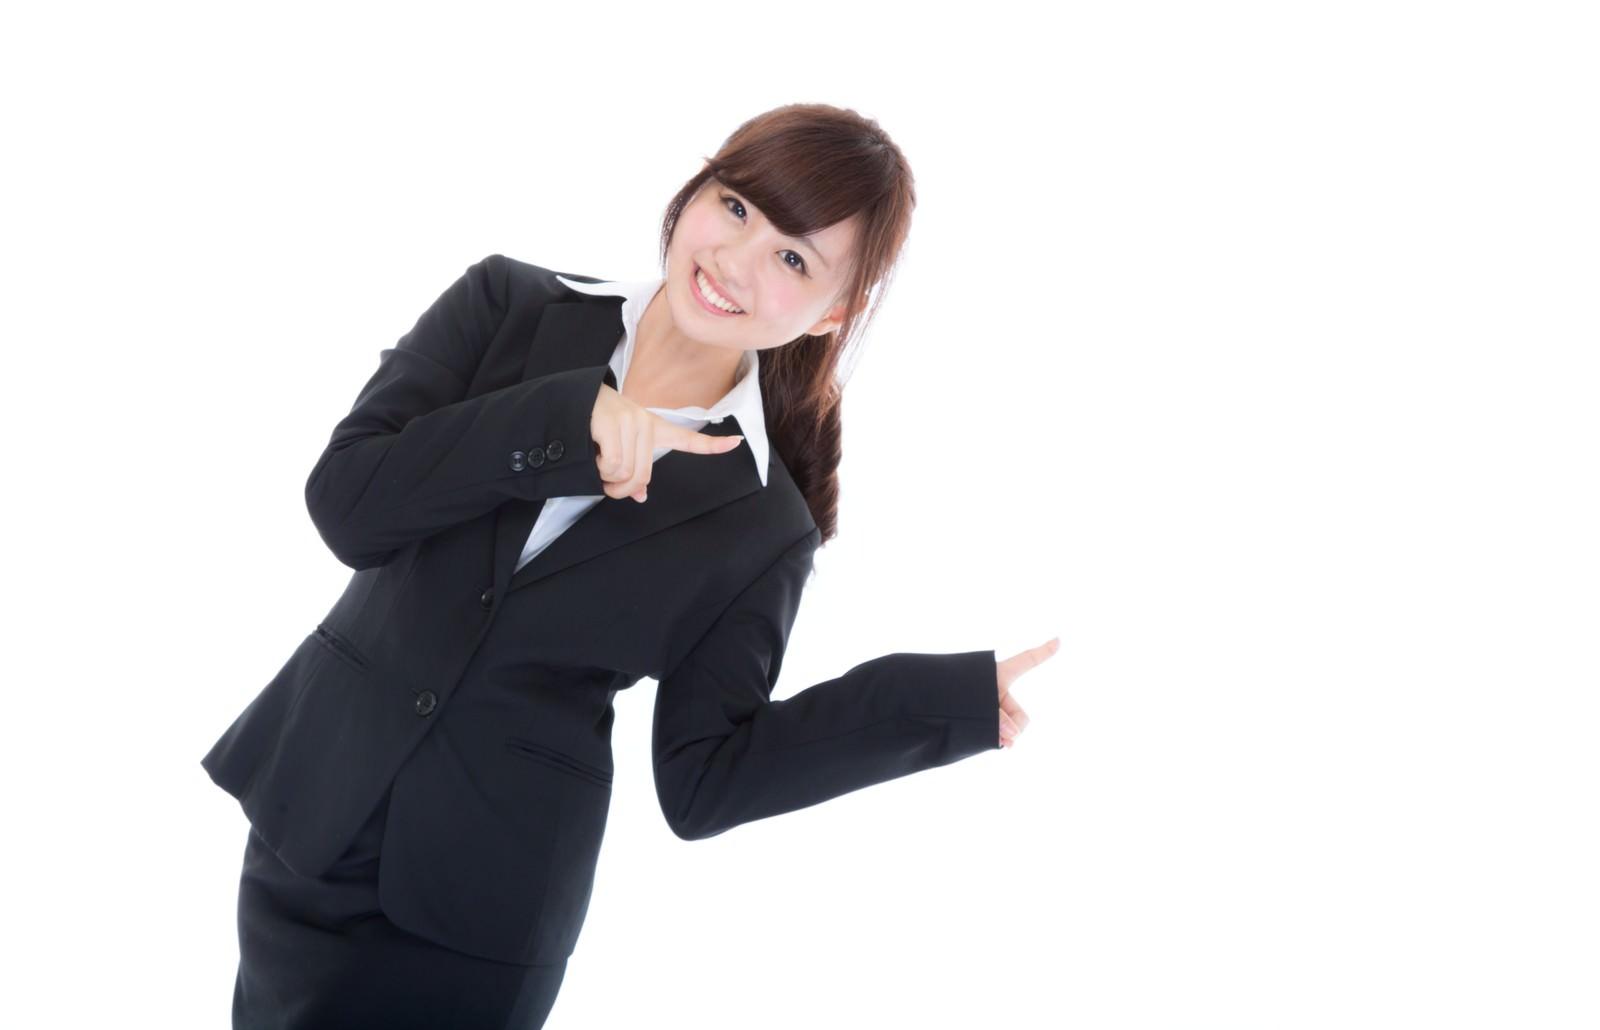 「両手で指をさす案内係の女性両手で指をさす案内係の女性」[モデル:河村友歌]のフリー写真素材を拡大